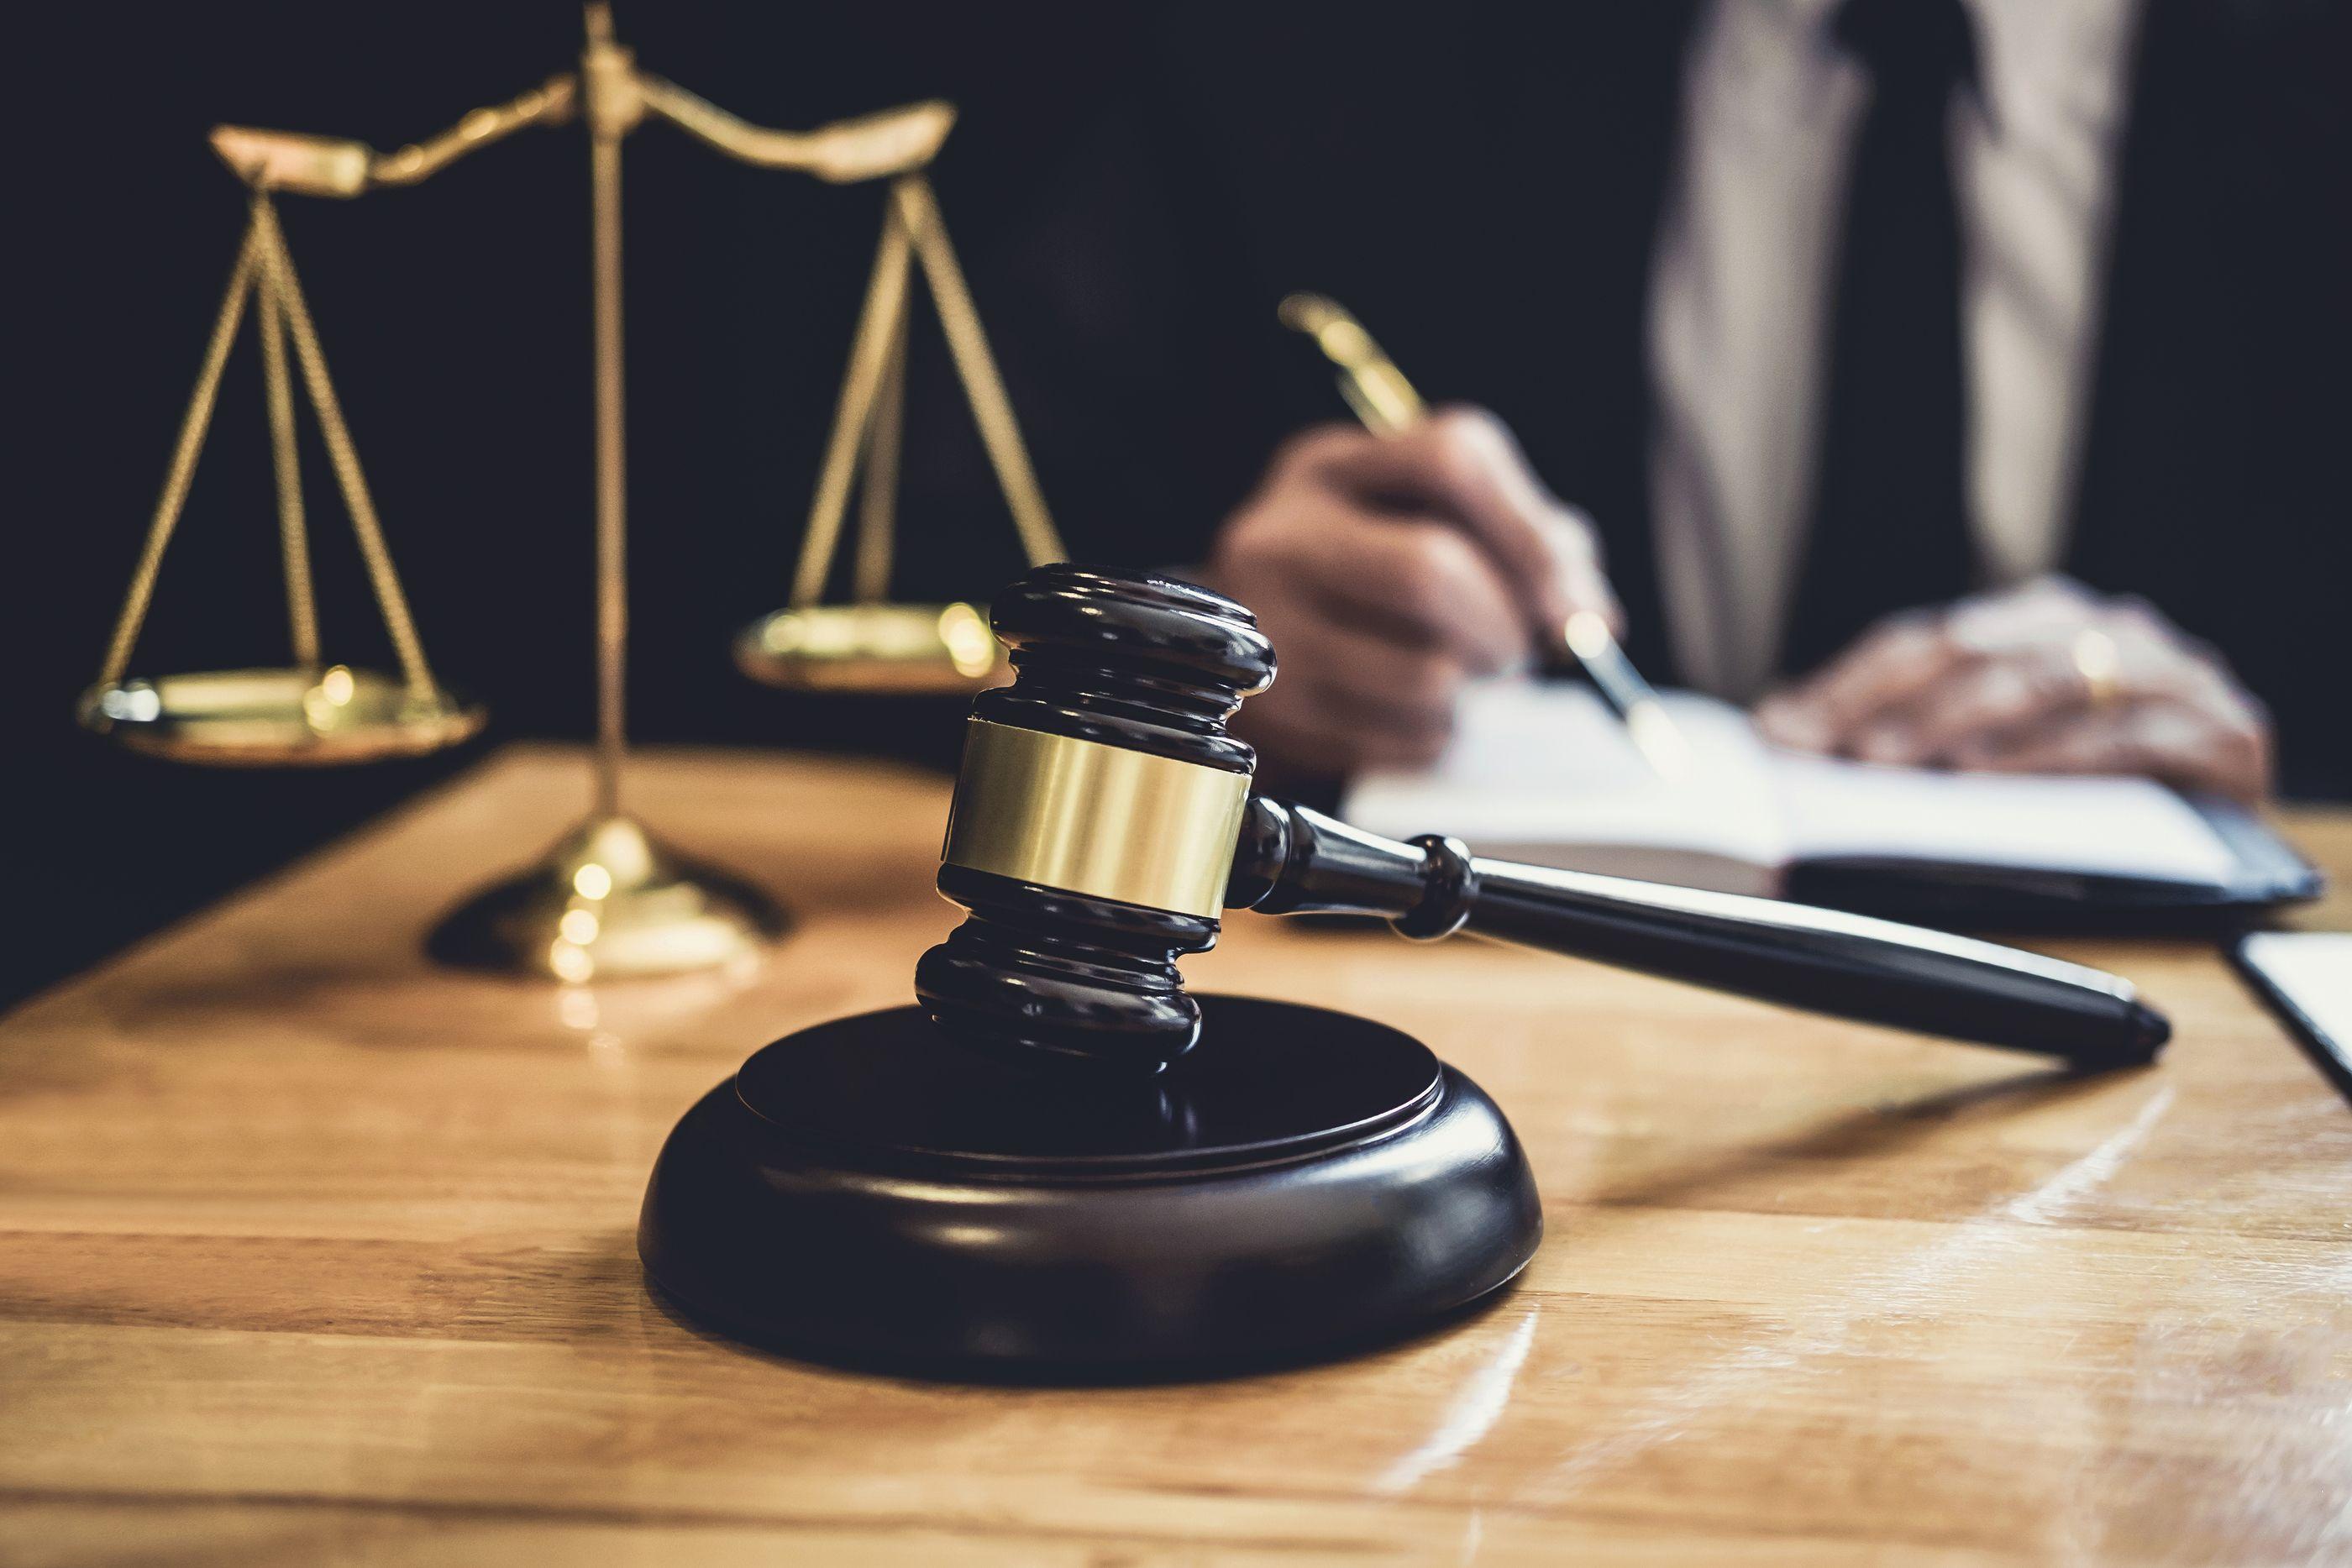 Las cláusulas abusivas pueden ser sancionadas sin juicio previo